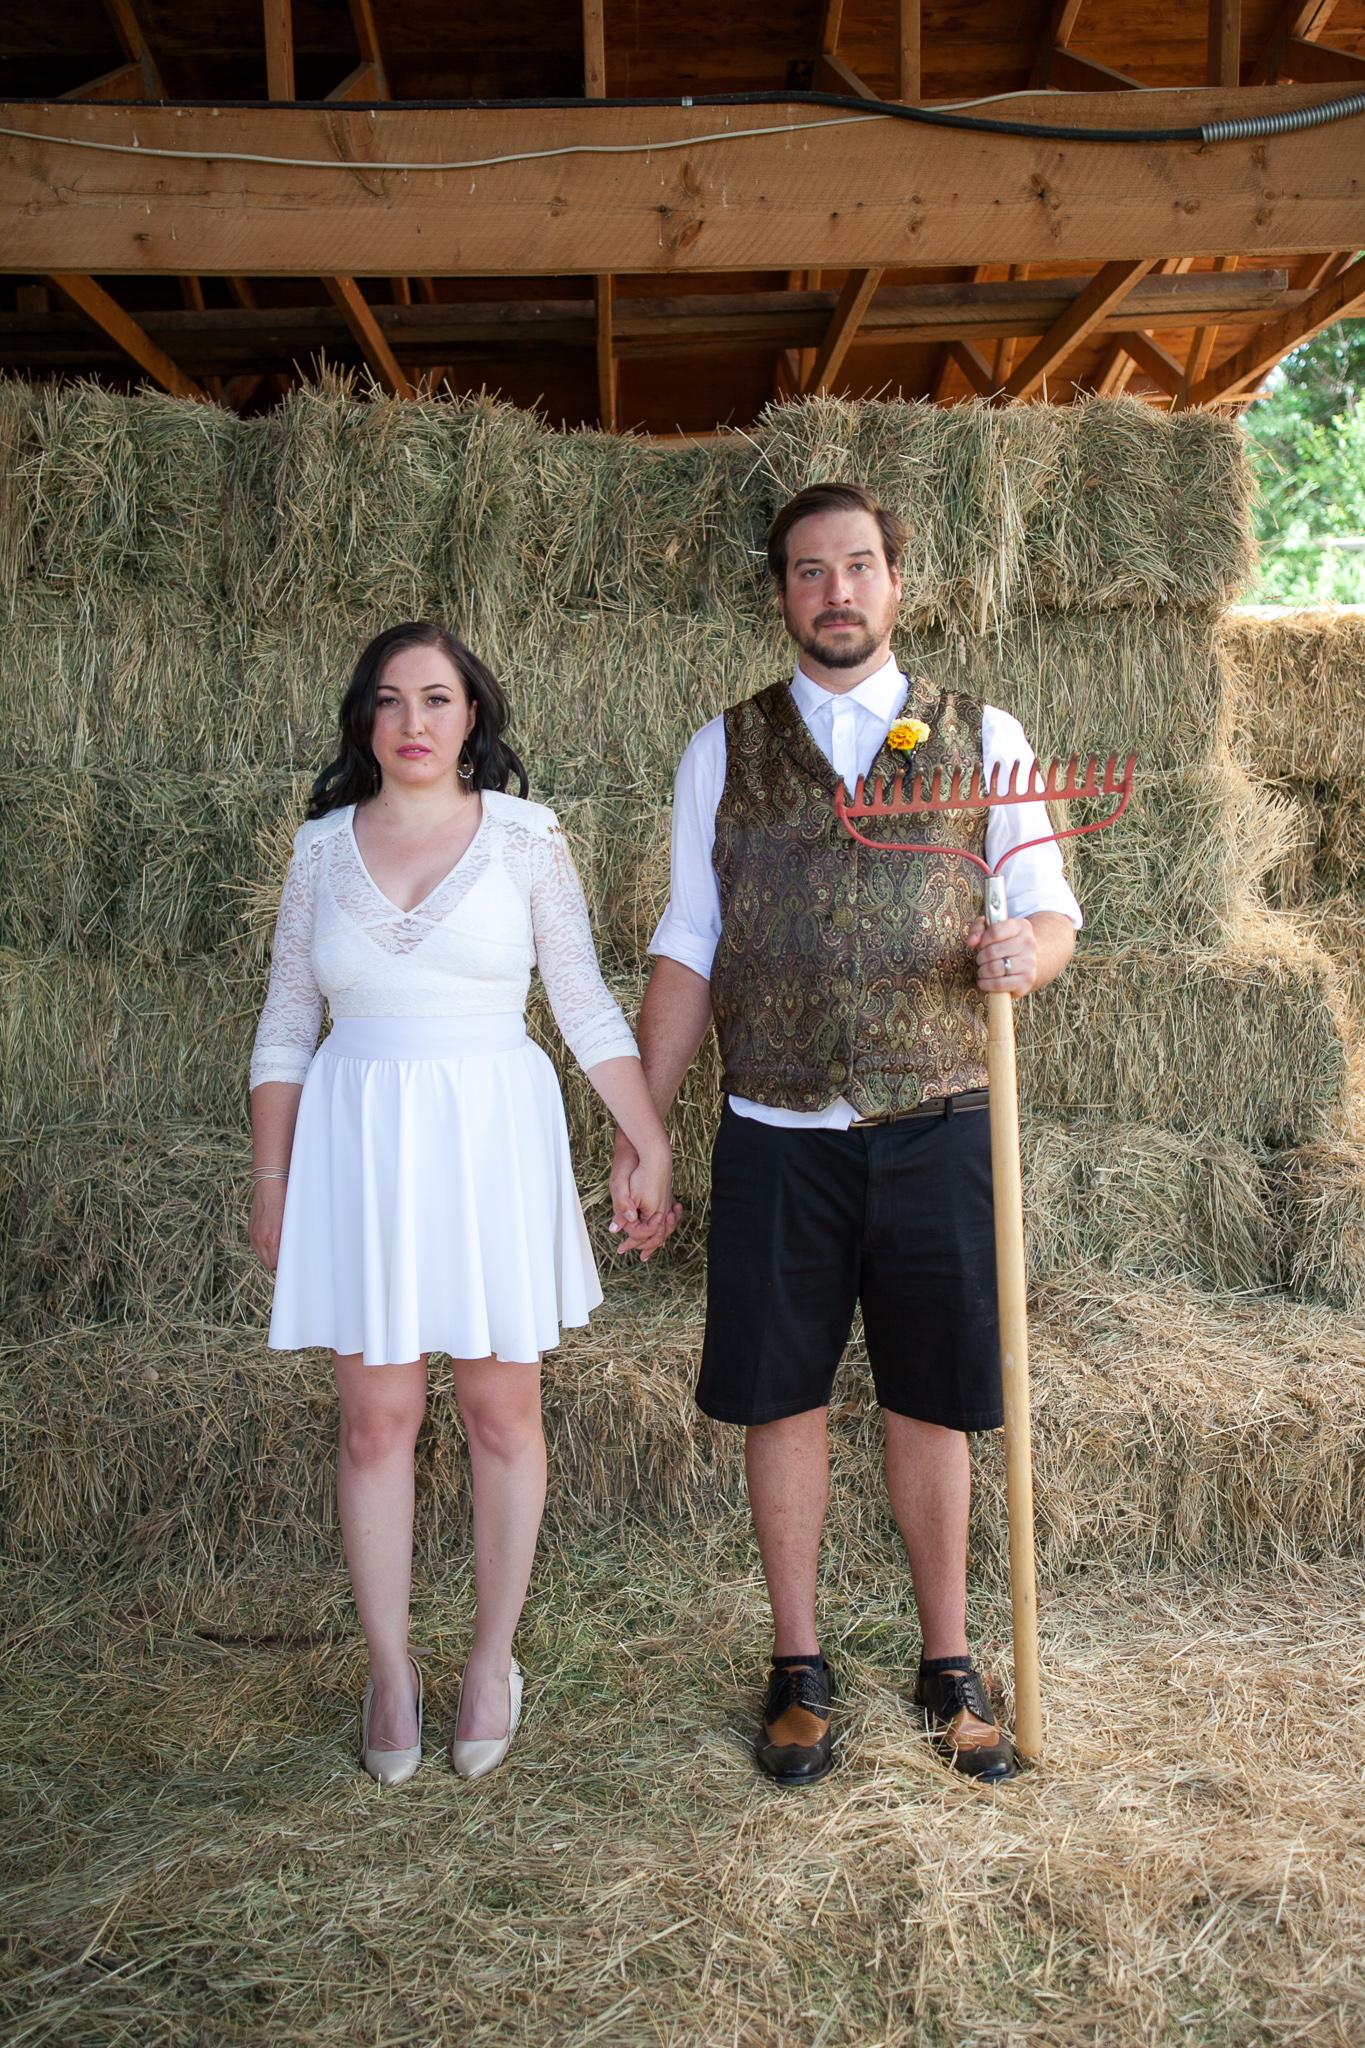 Liana&Steve-WEB-160723-055.jpg